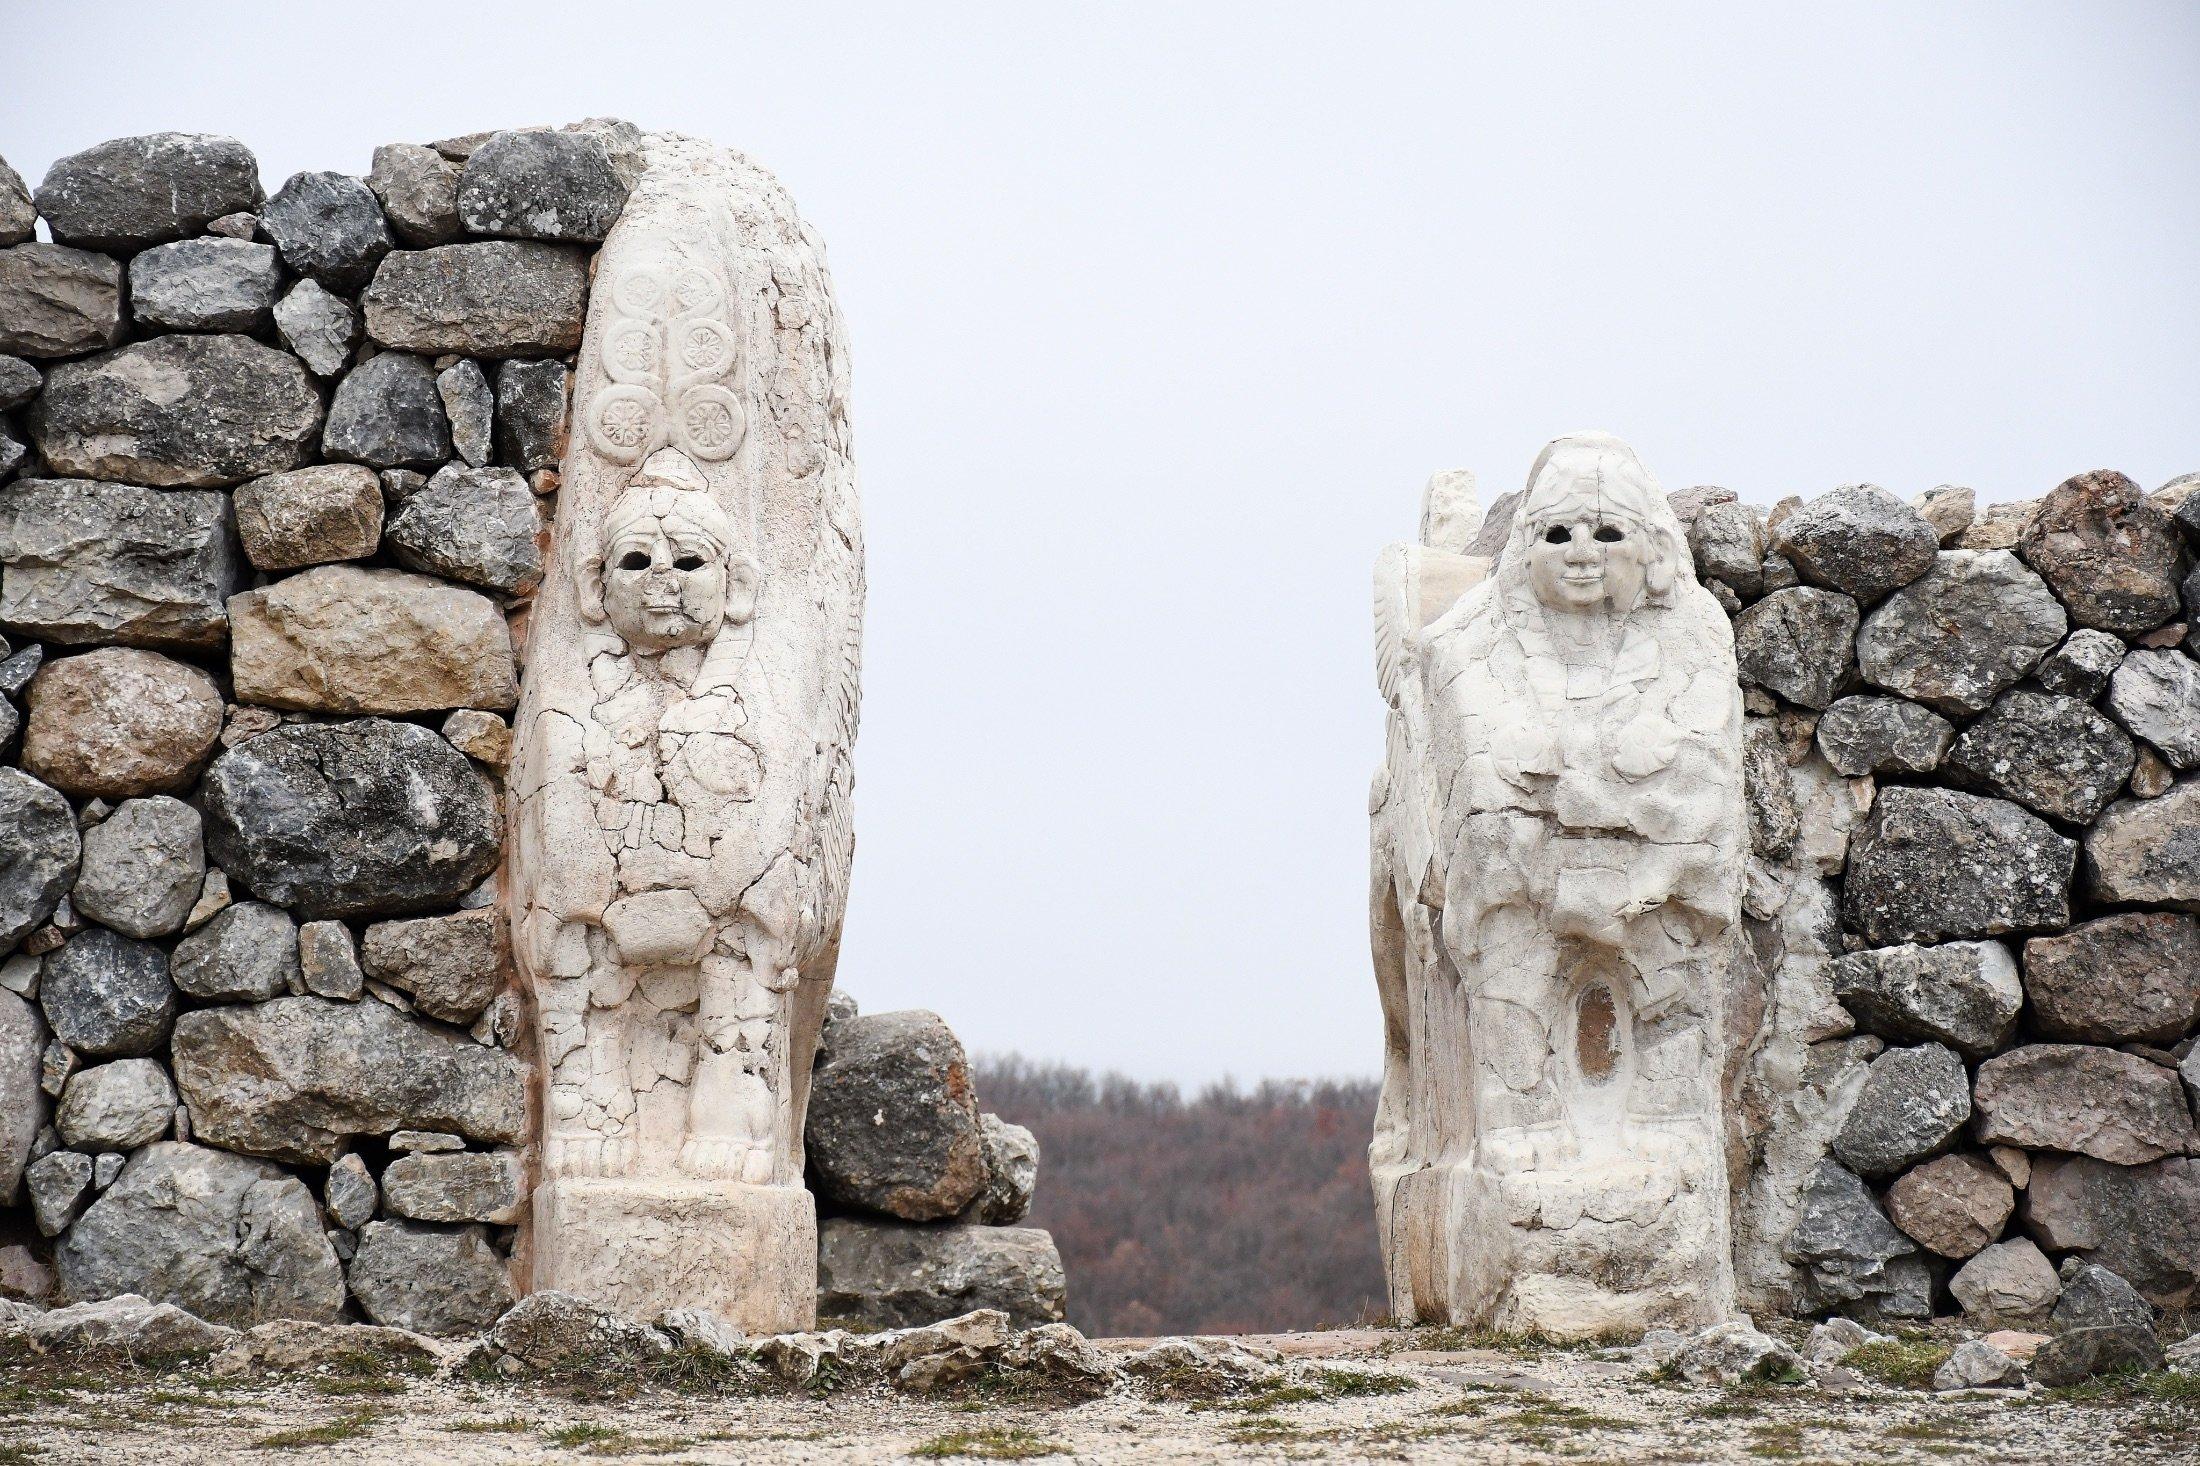 Borascale Müzesi girişinde, Türkiye'nin kıyısındaki Hattuşaş antik kentinden özel bir heykel olan Antik Hitus Sfenksi, 19 Nisan 2021, (AA fotoğrafı)